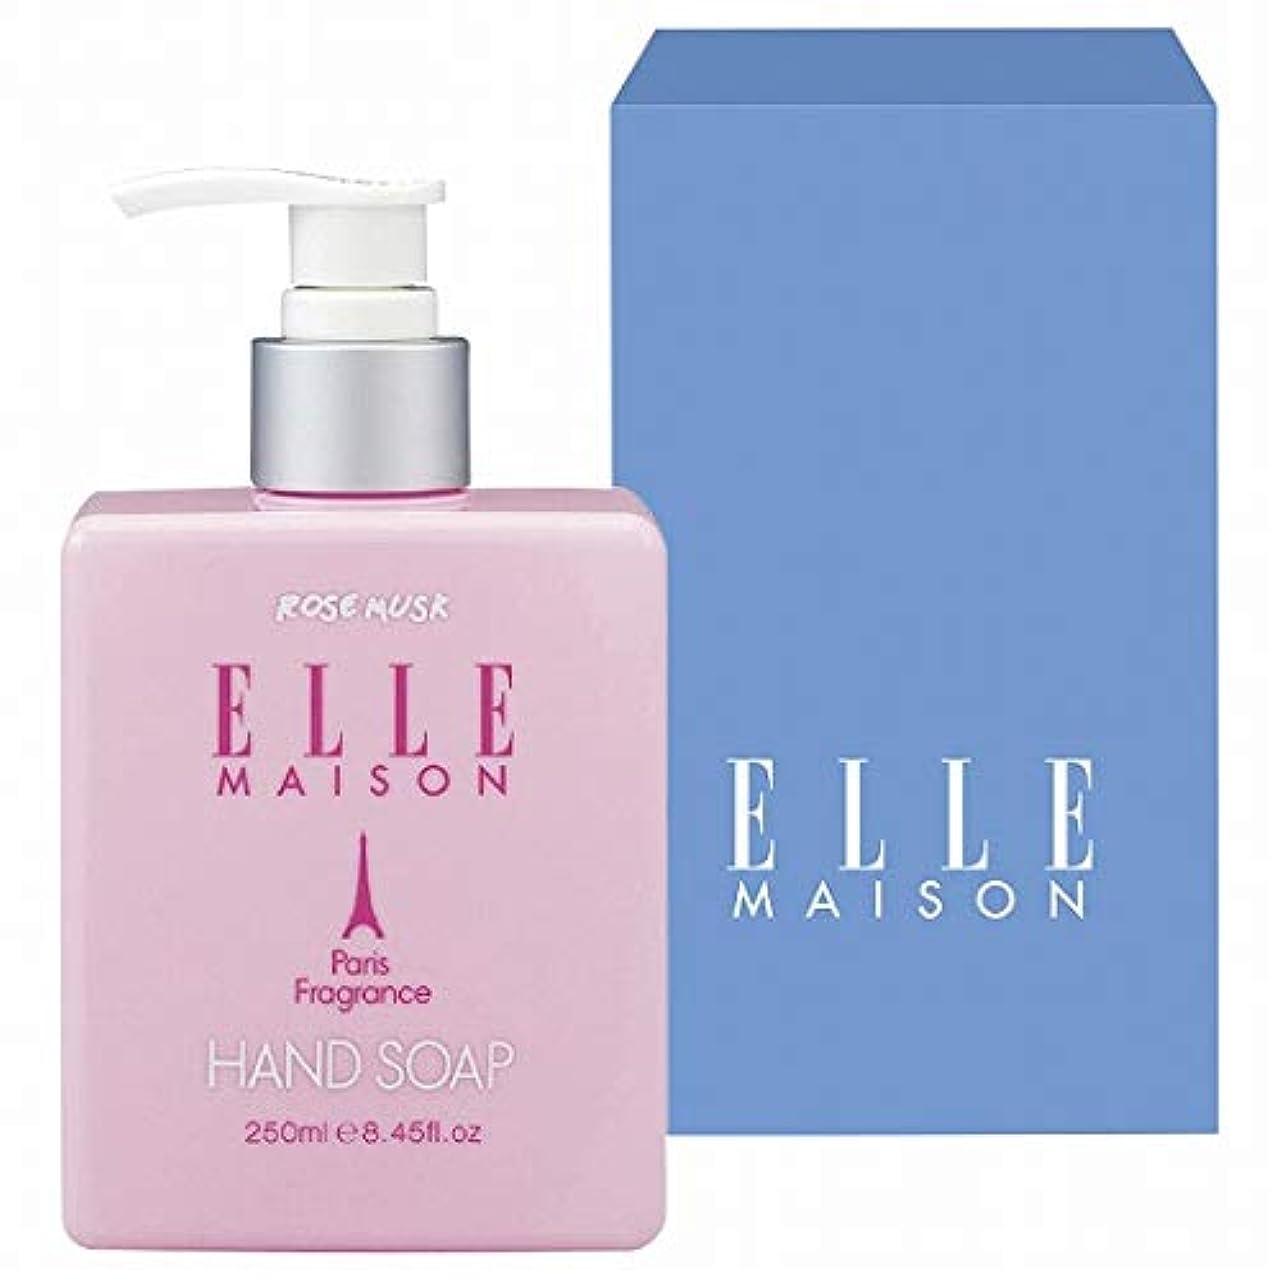 流星シネウィ信頼性のあるエルマイソン(ELLE MAISON) ELLE MAISON 薬用ハンドソープ